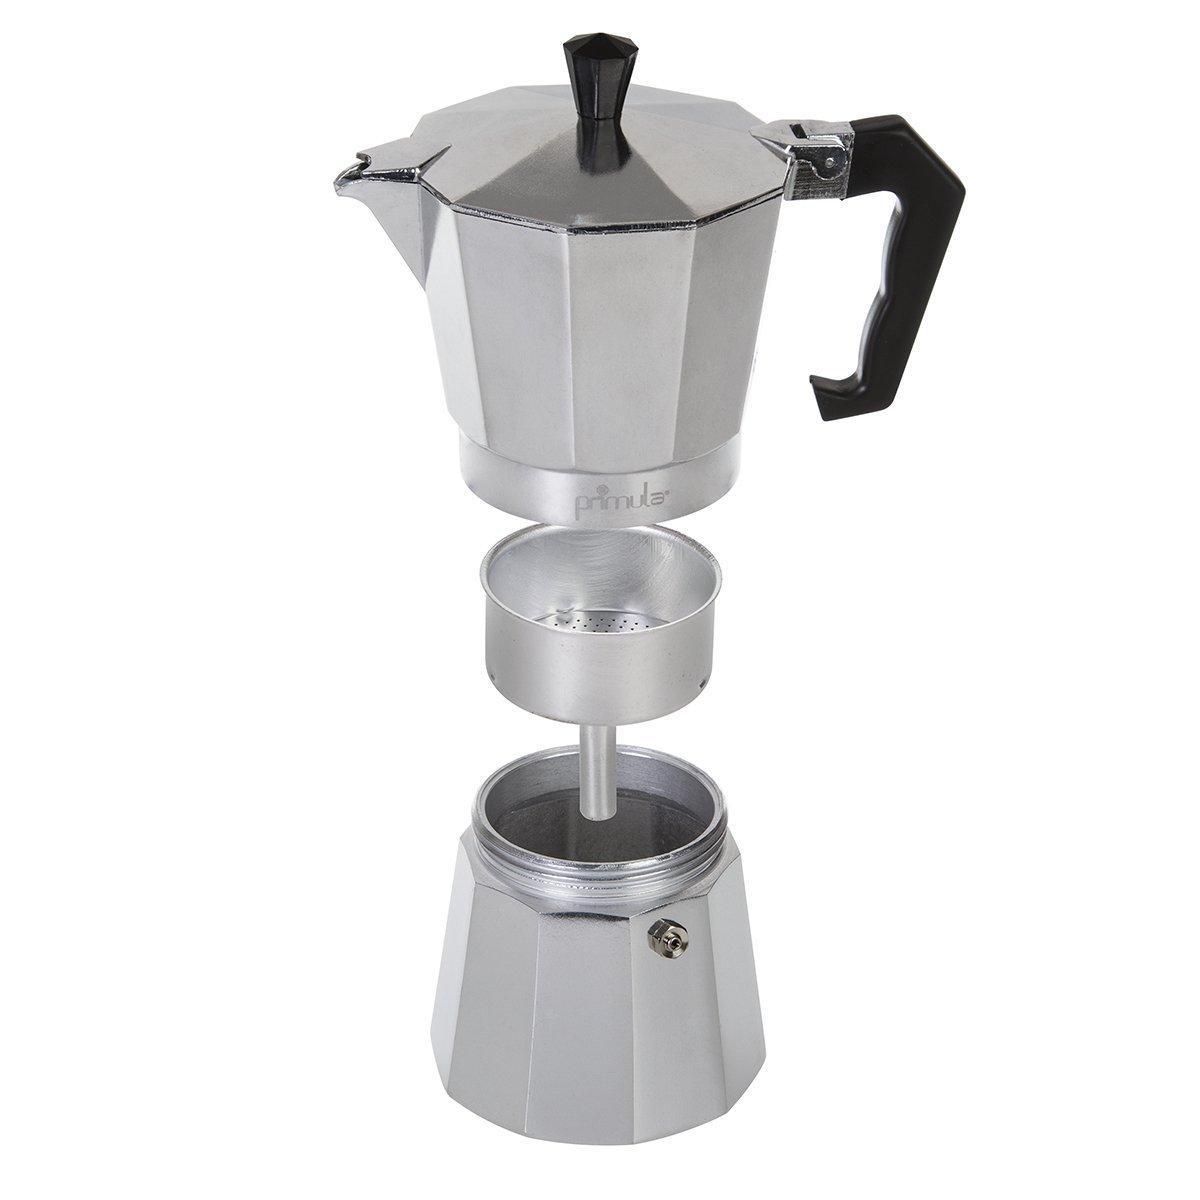 Epoca PES-3306 - Cafetera (Aluminio, Estufa, Aluminio, De café molido, Café expreso, 10.312 cm): Amazon.es: Hogar